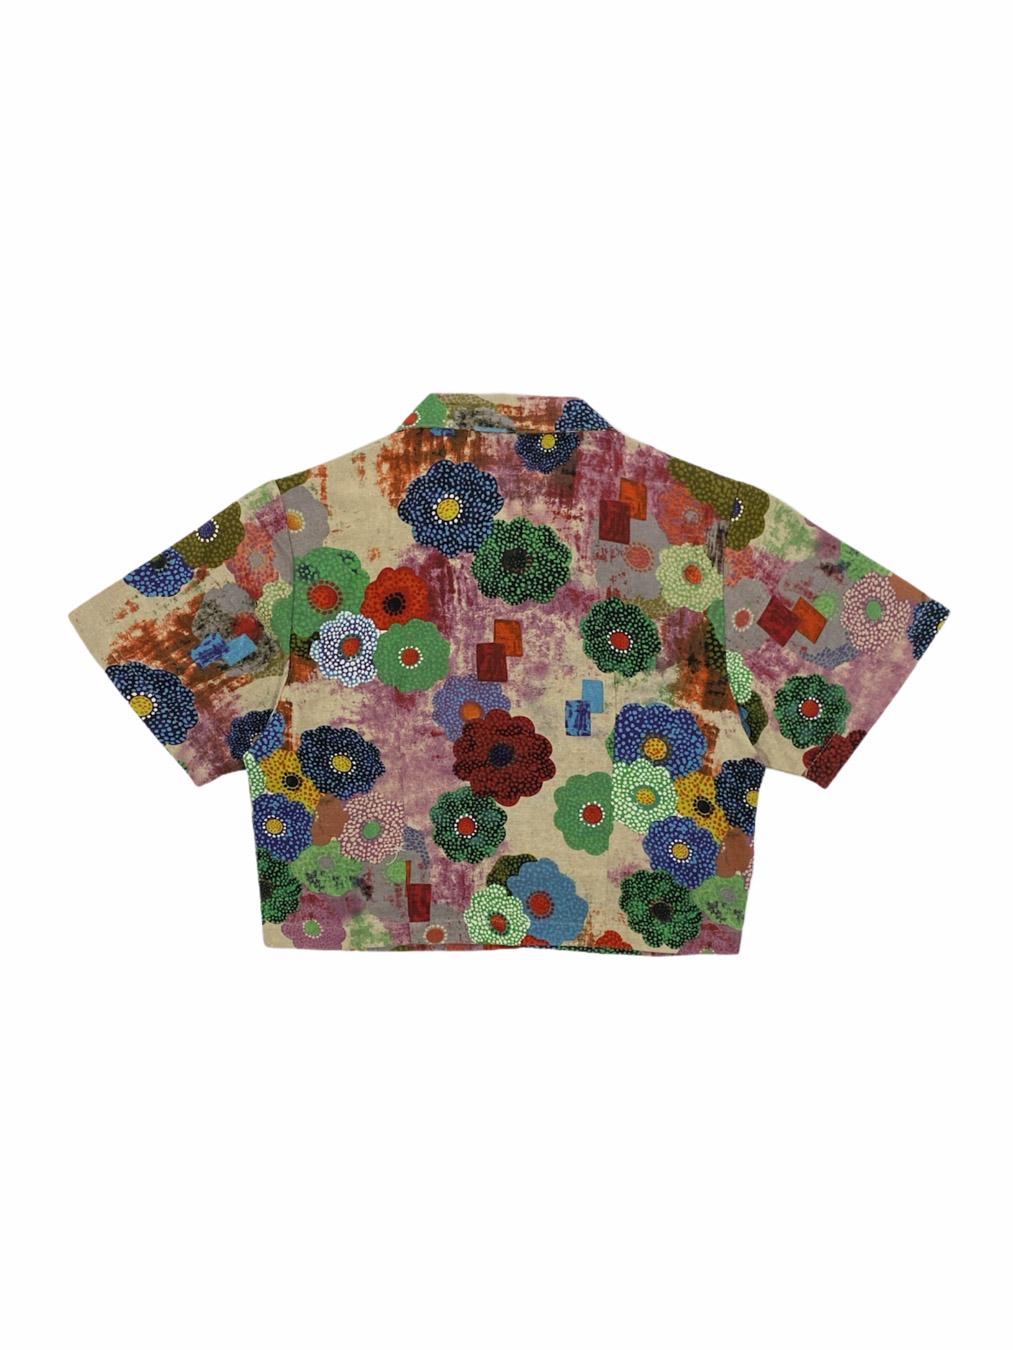 Button Up Crop Top in Flower Garden